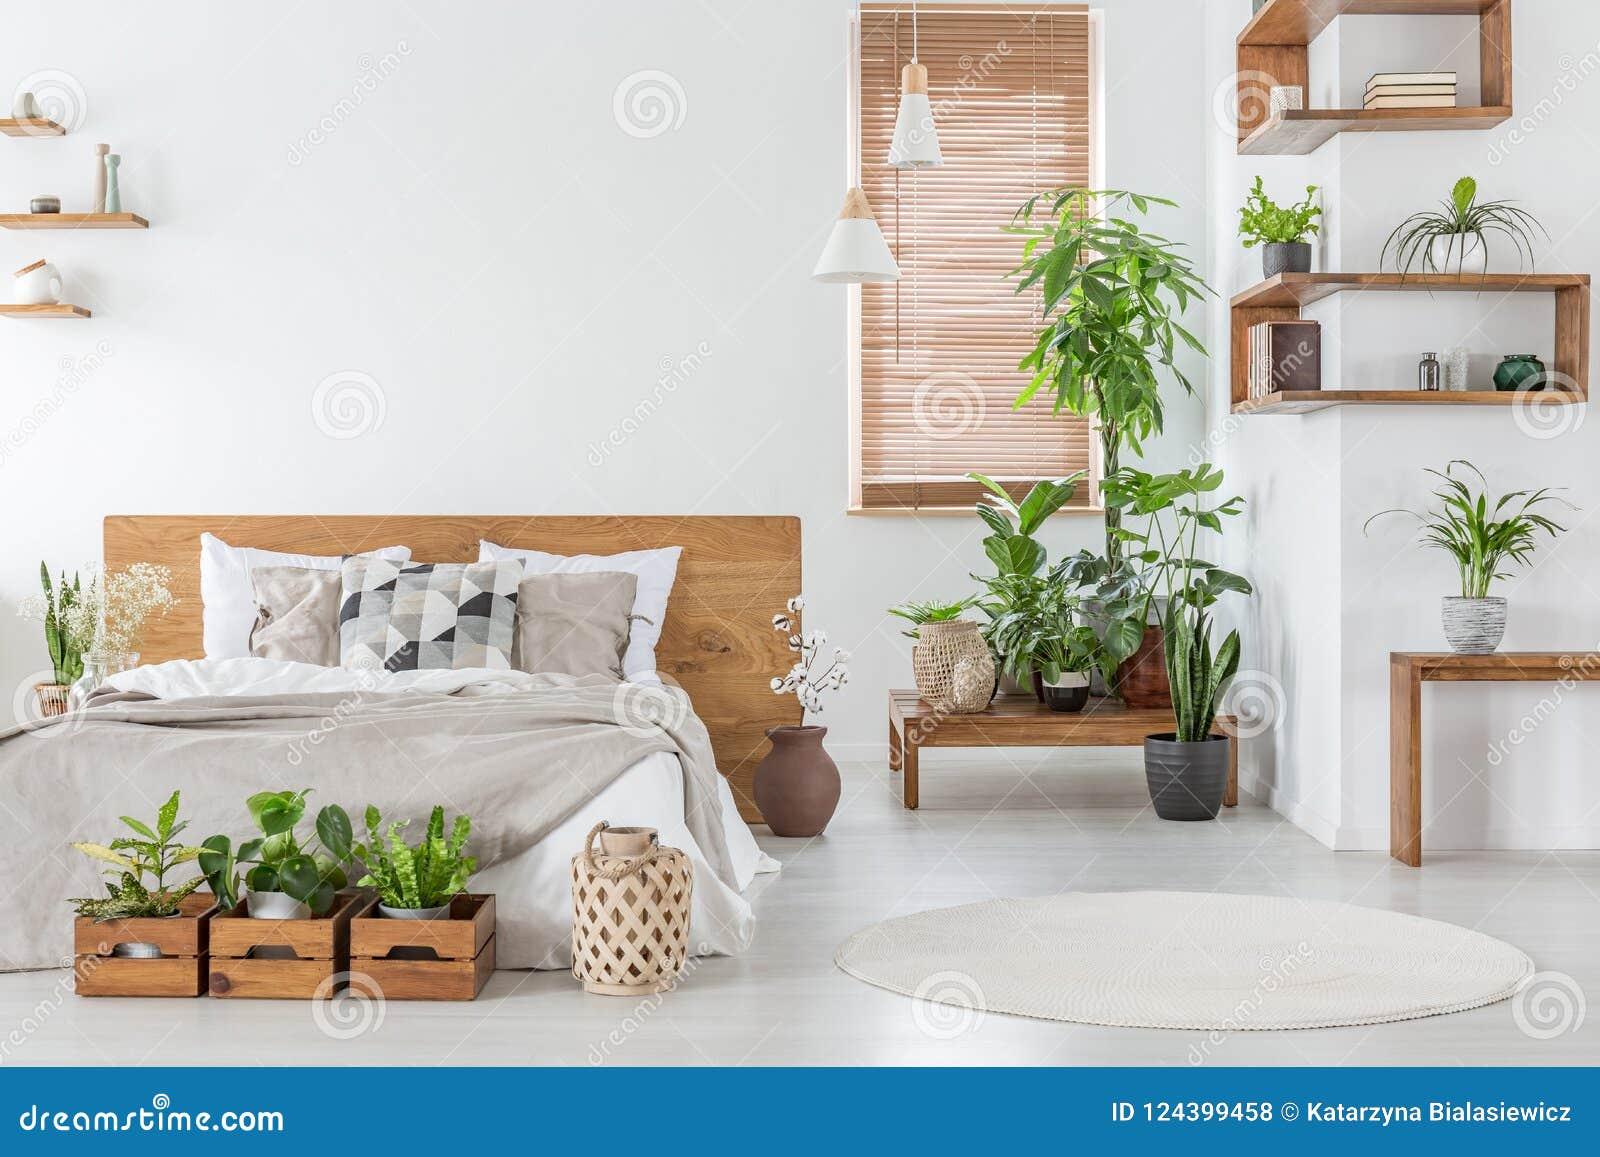 Echte foto van een botanisch slaapkamerbinnenland met houten planken,